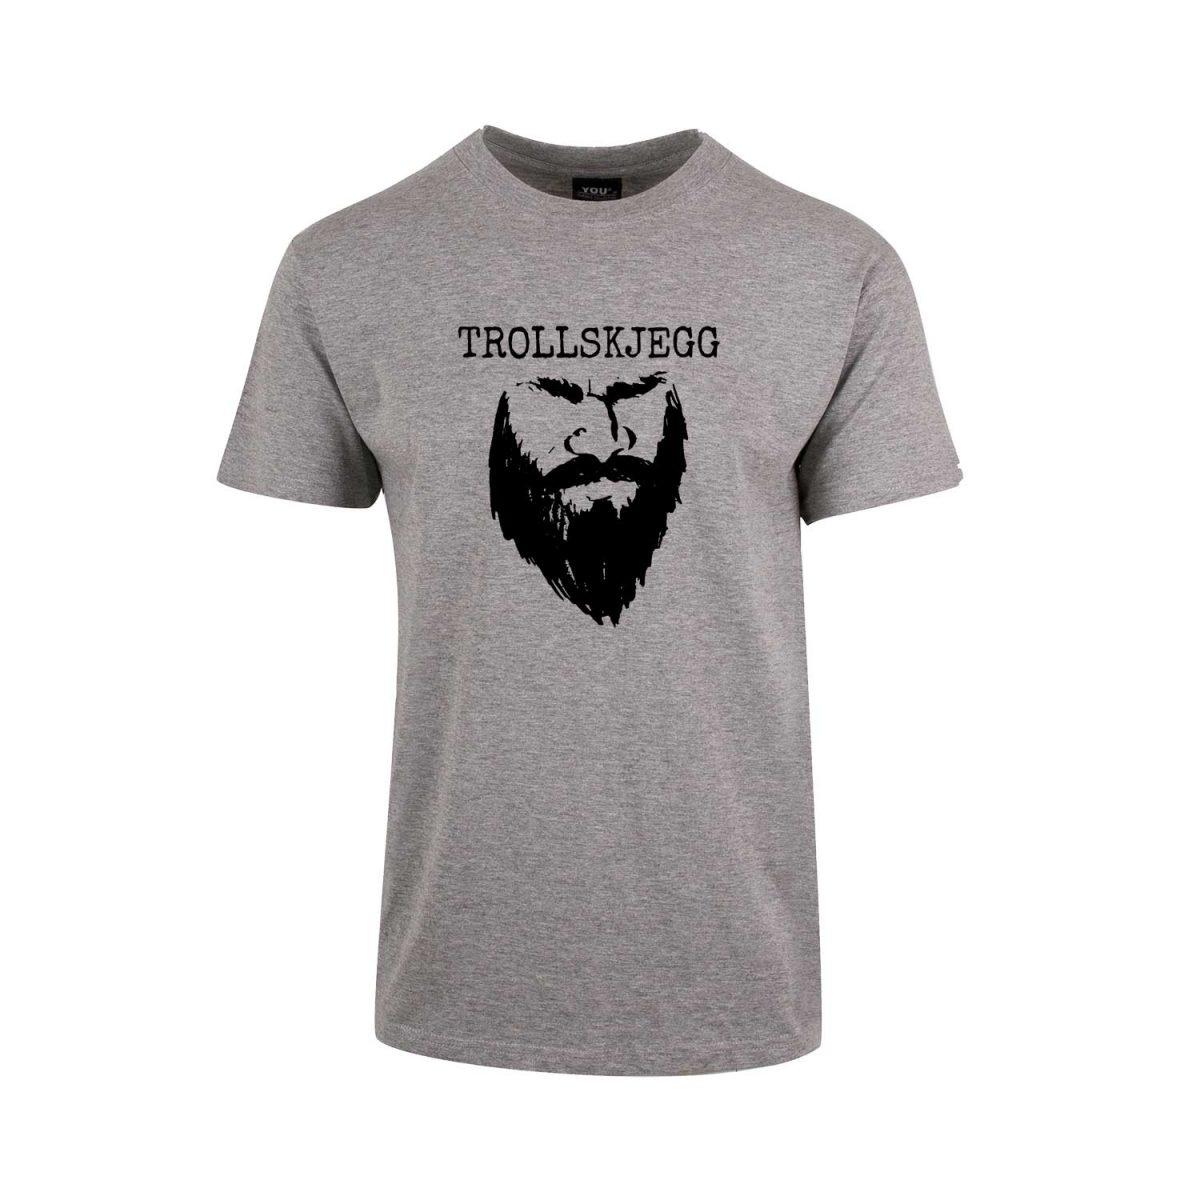 Grå t-skjorte med svart Trollskjegg-logo